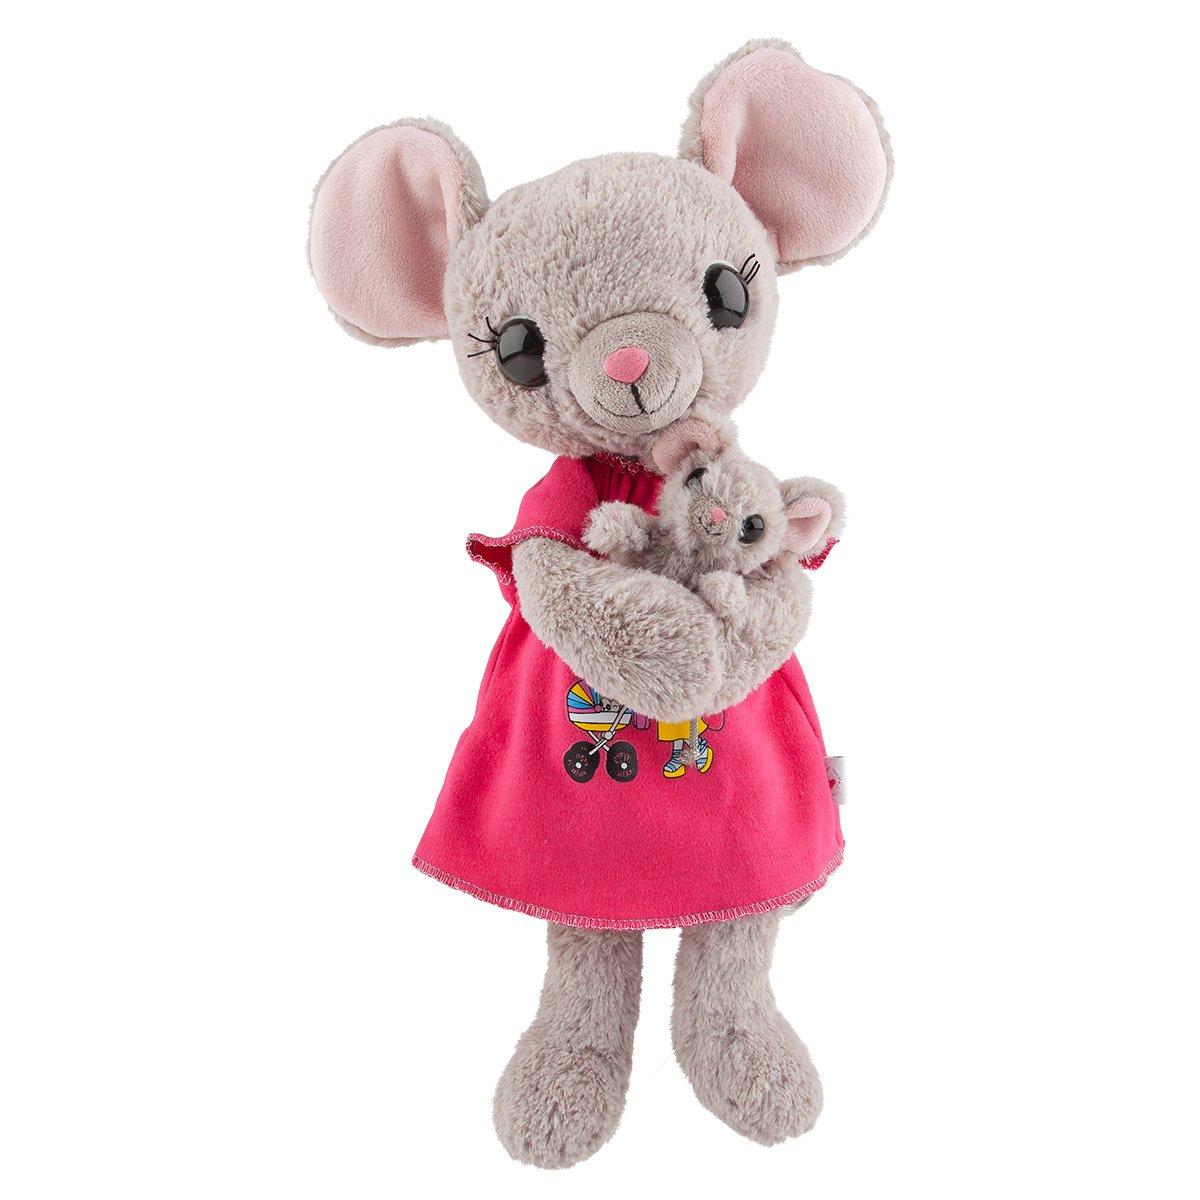 House of Mouse Mama Ratón con bebé Abdomen, Peluche, 35 cm, 8878: Amazon.es: Juguetes y juegos